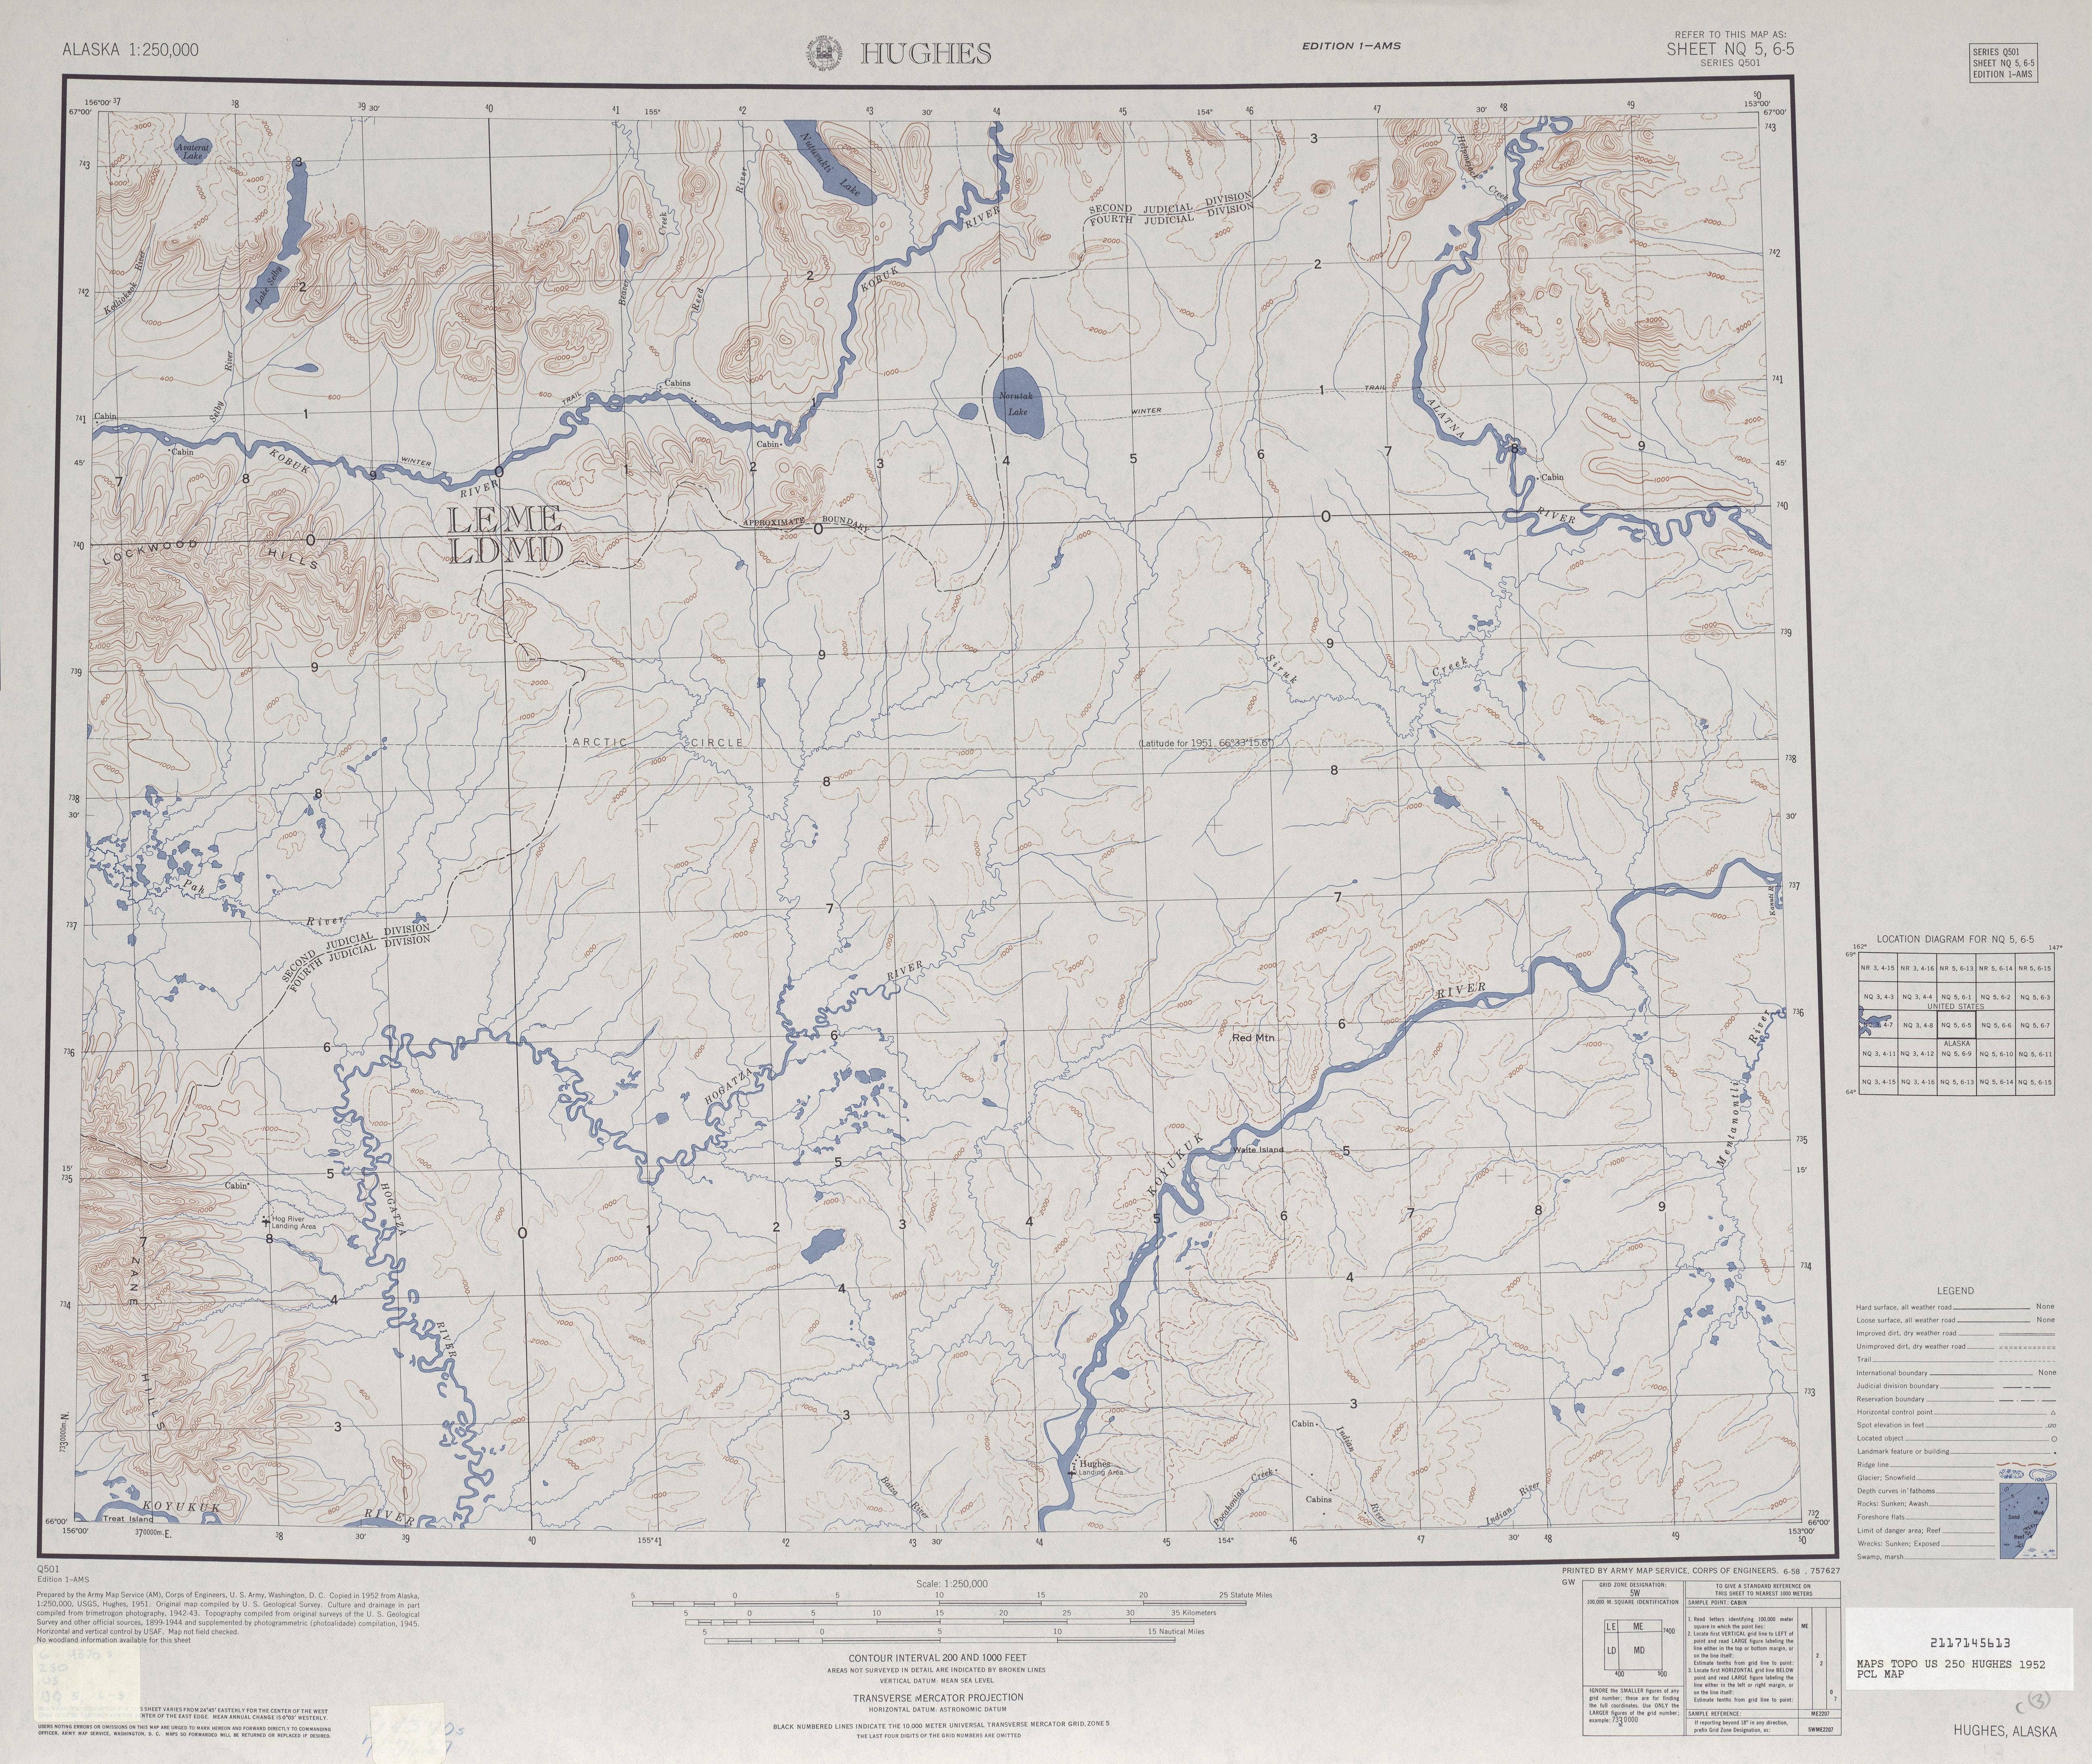 Hoja Hughes del Mapa Topográfico de los Estados Unidos 1952